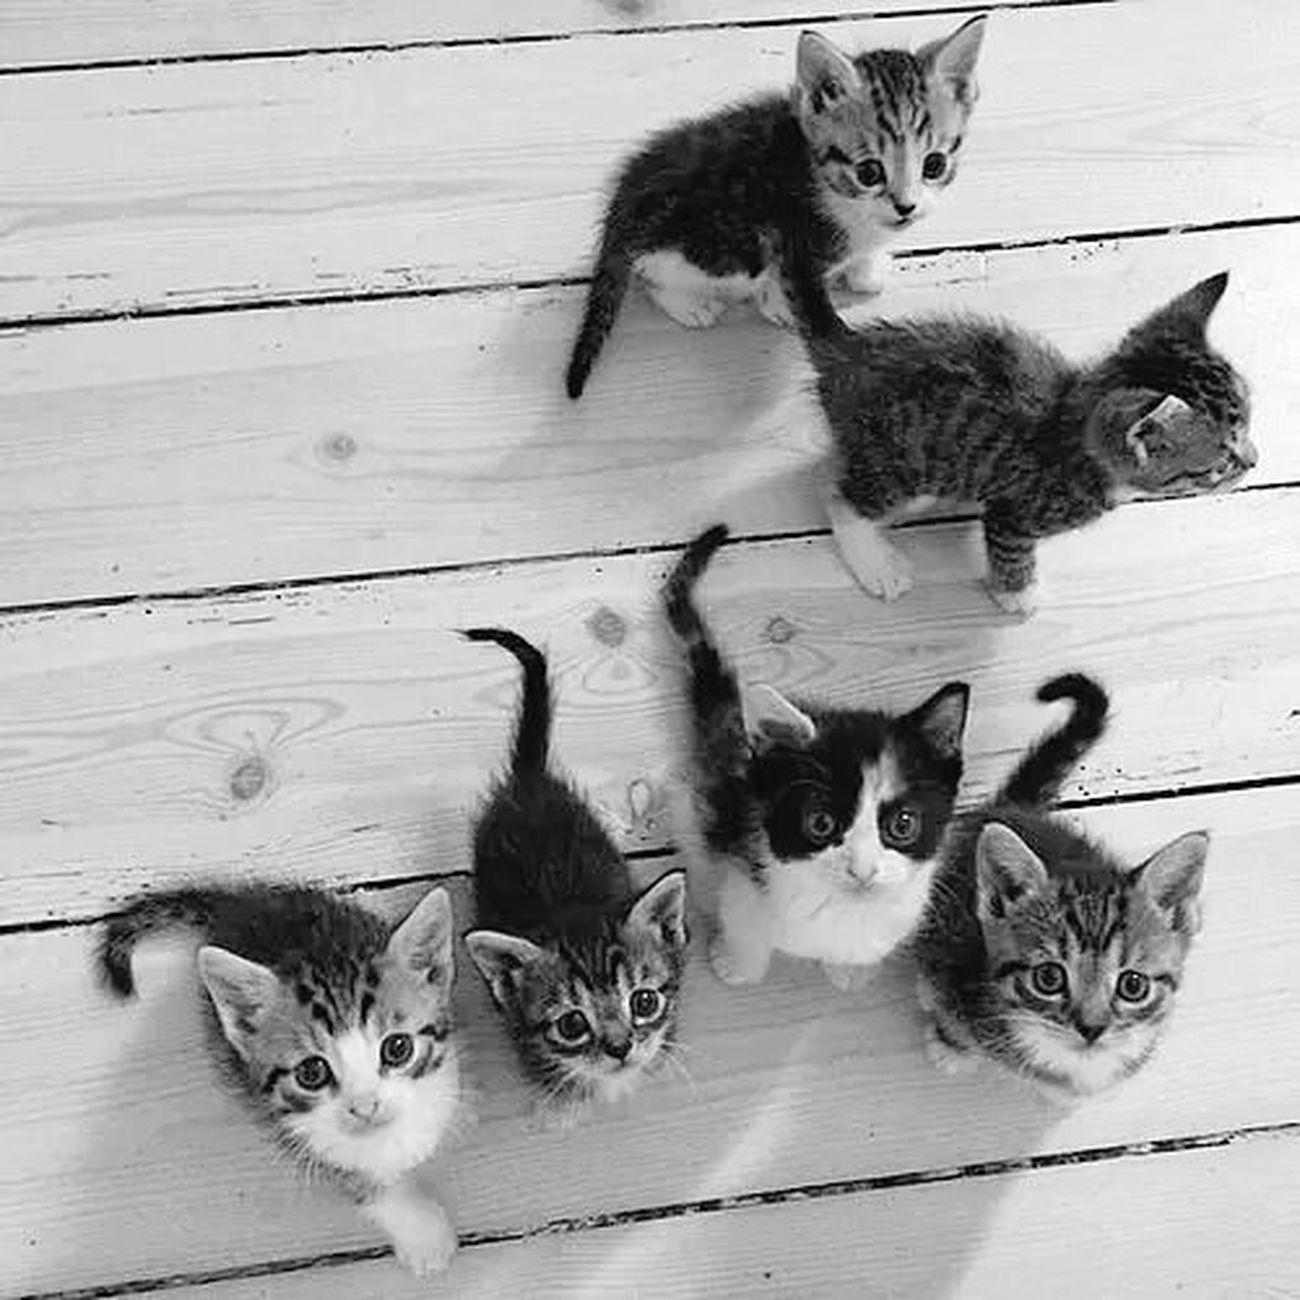 MyBABiES Mycats Benimkedim Benimkedimhisseder Benimgözümden Istanbul Turkey Siziseviyorum 💙💙💙💙💙💙💙💙💙💙💙